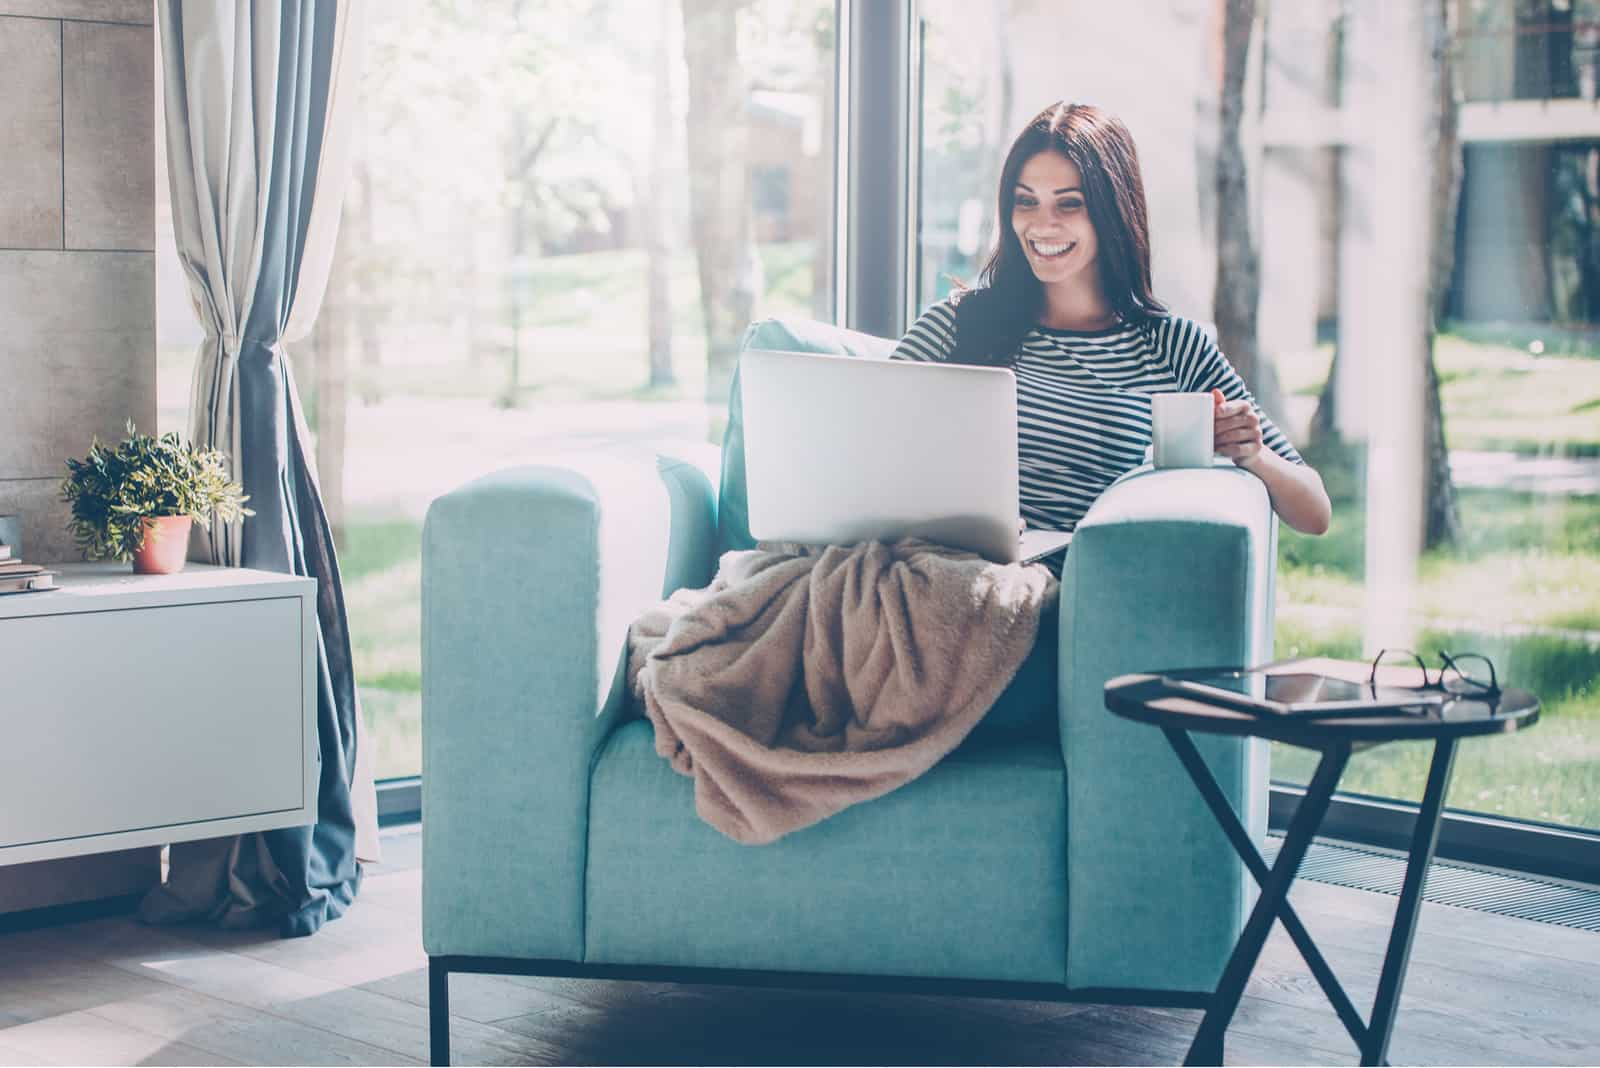 Eine lächelnde Frau in einem Sessel trinkt Kaffee und benutzt einen Laptop